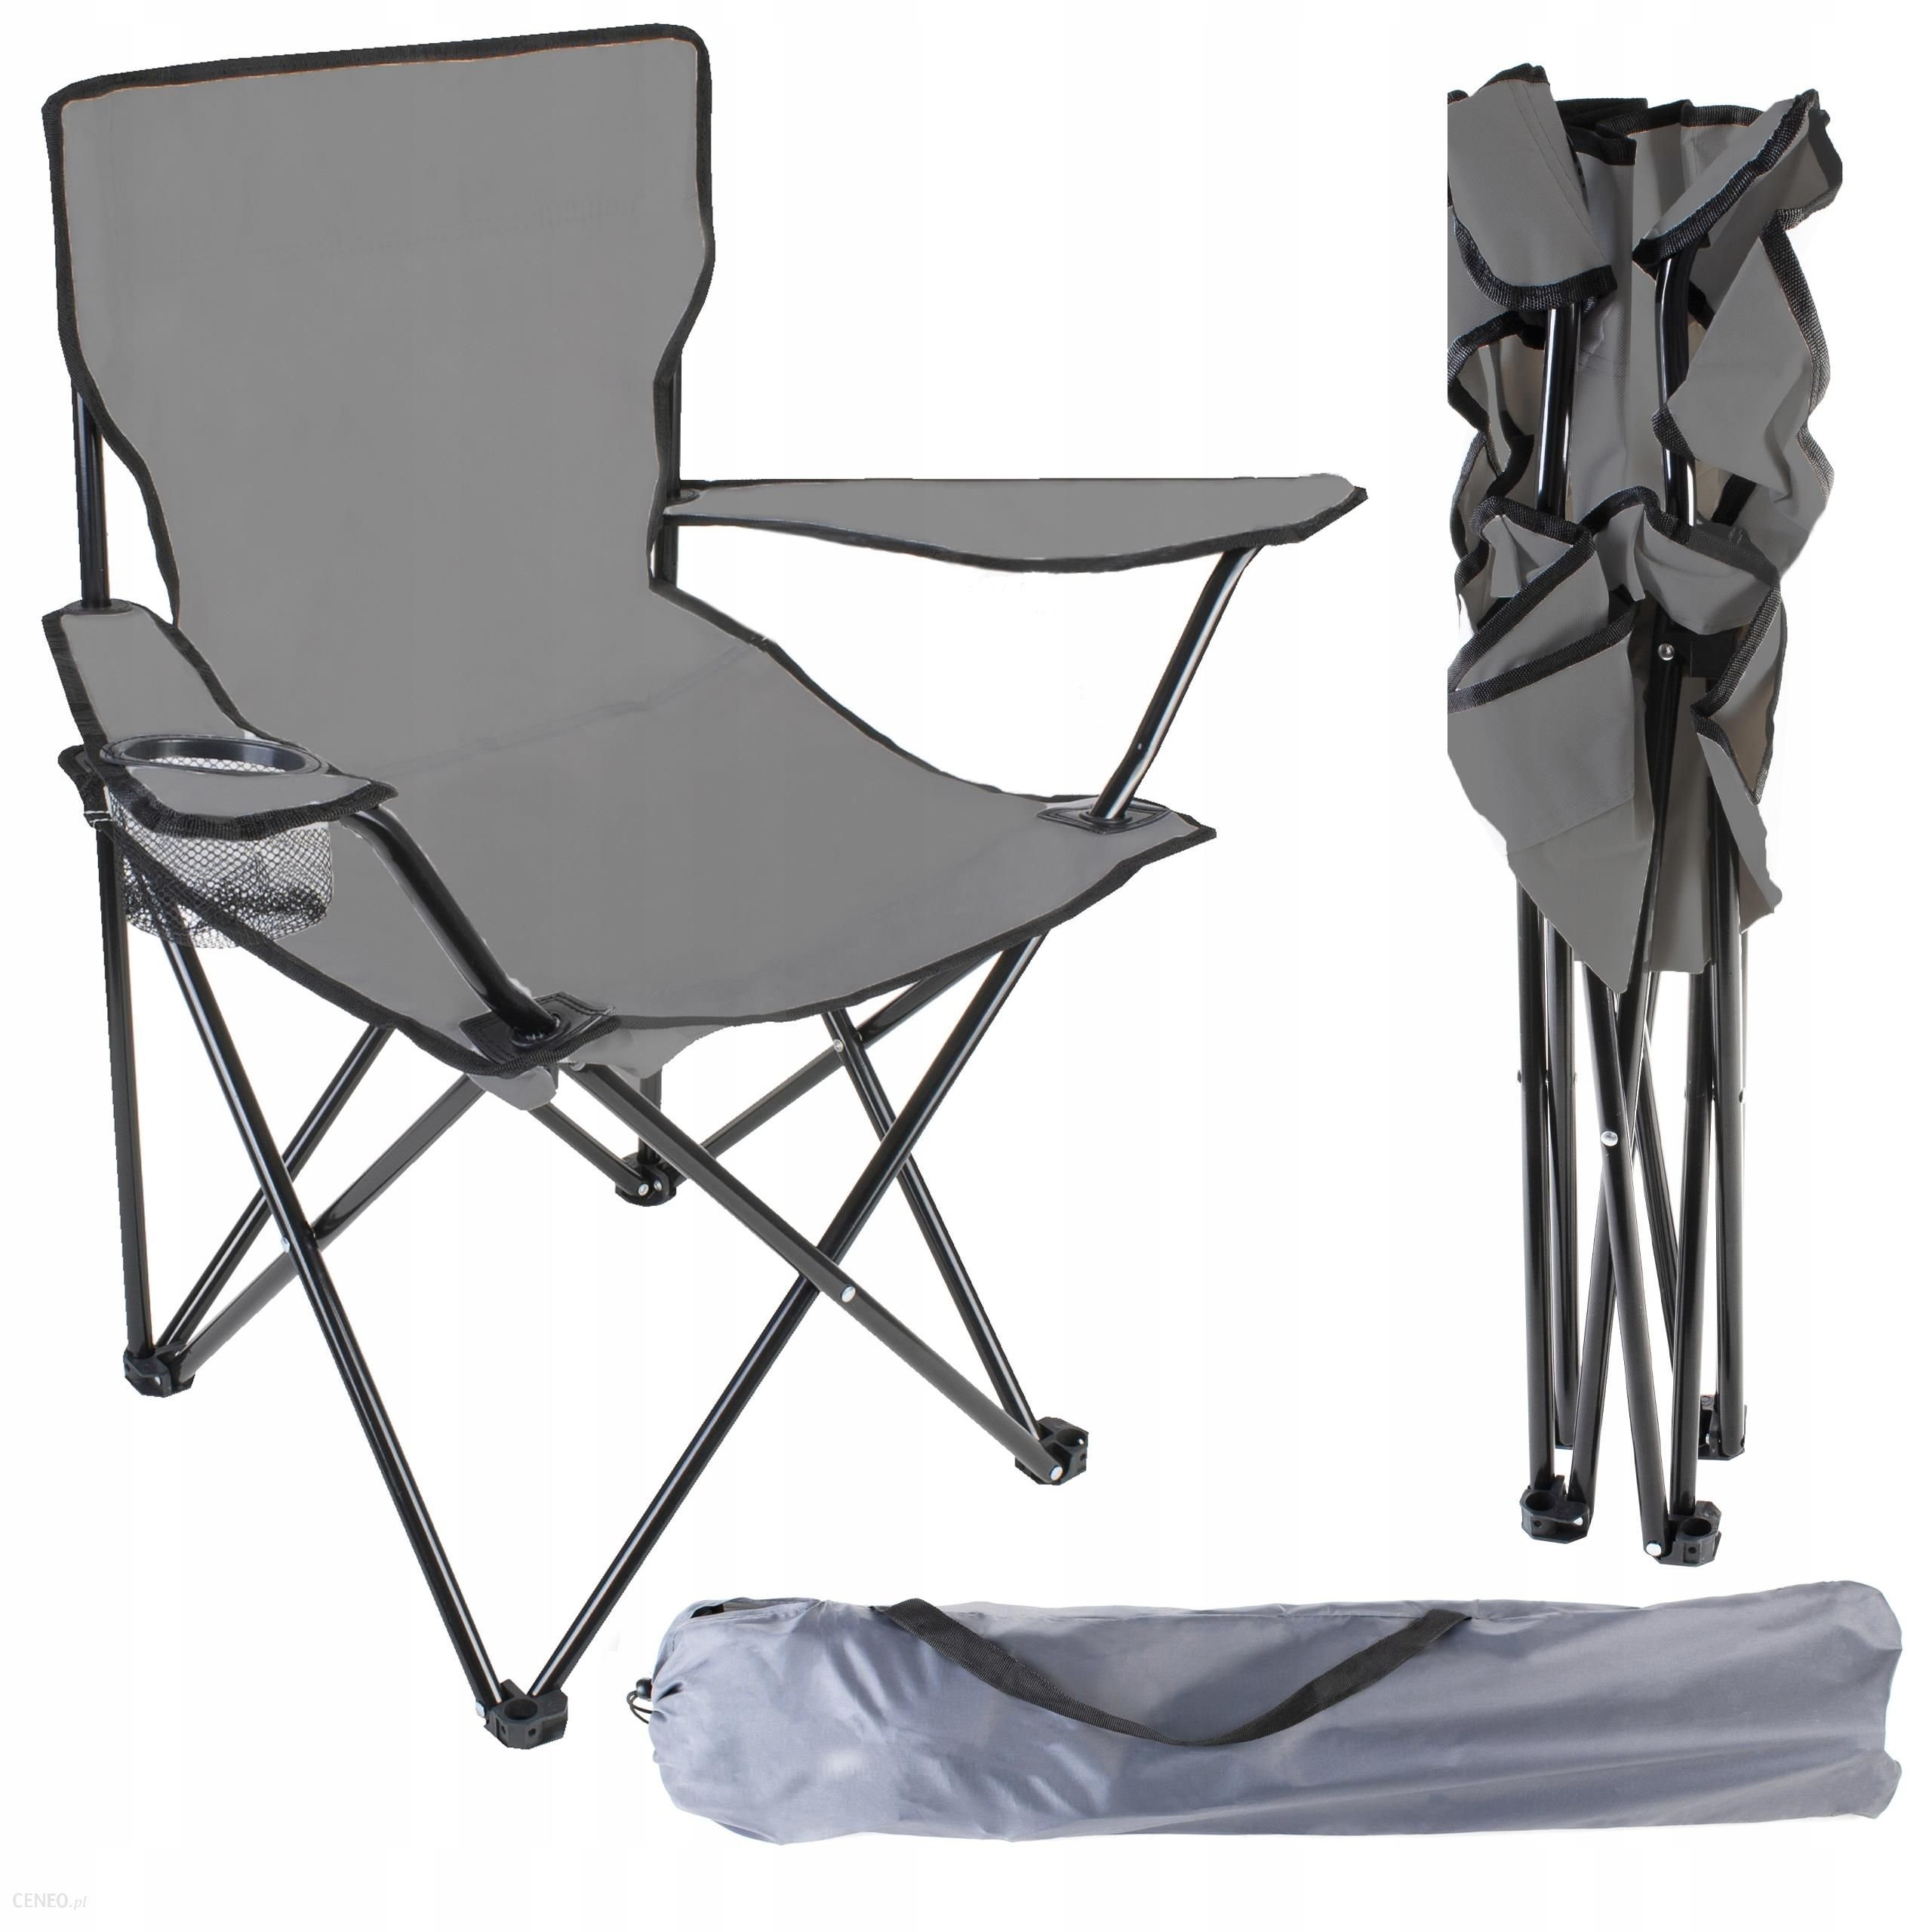 Malatec Składane Krzesło Turystyczne/Wędkarskie Czarne